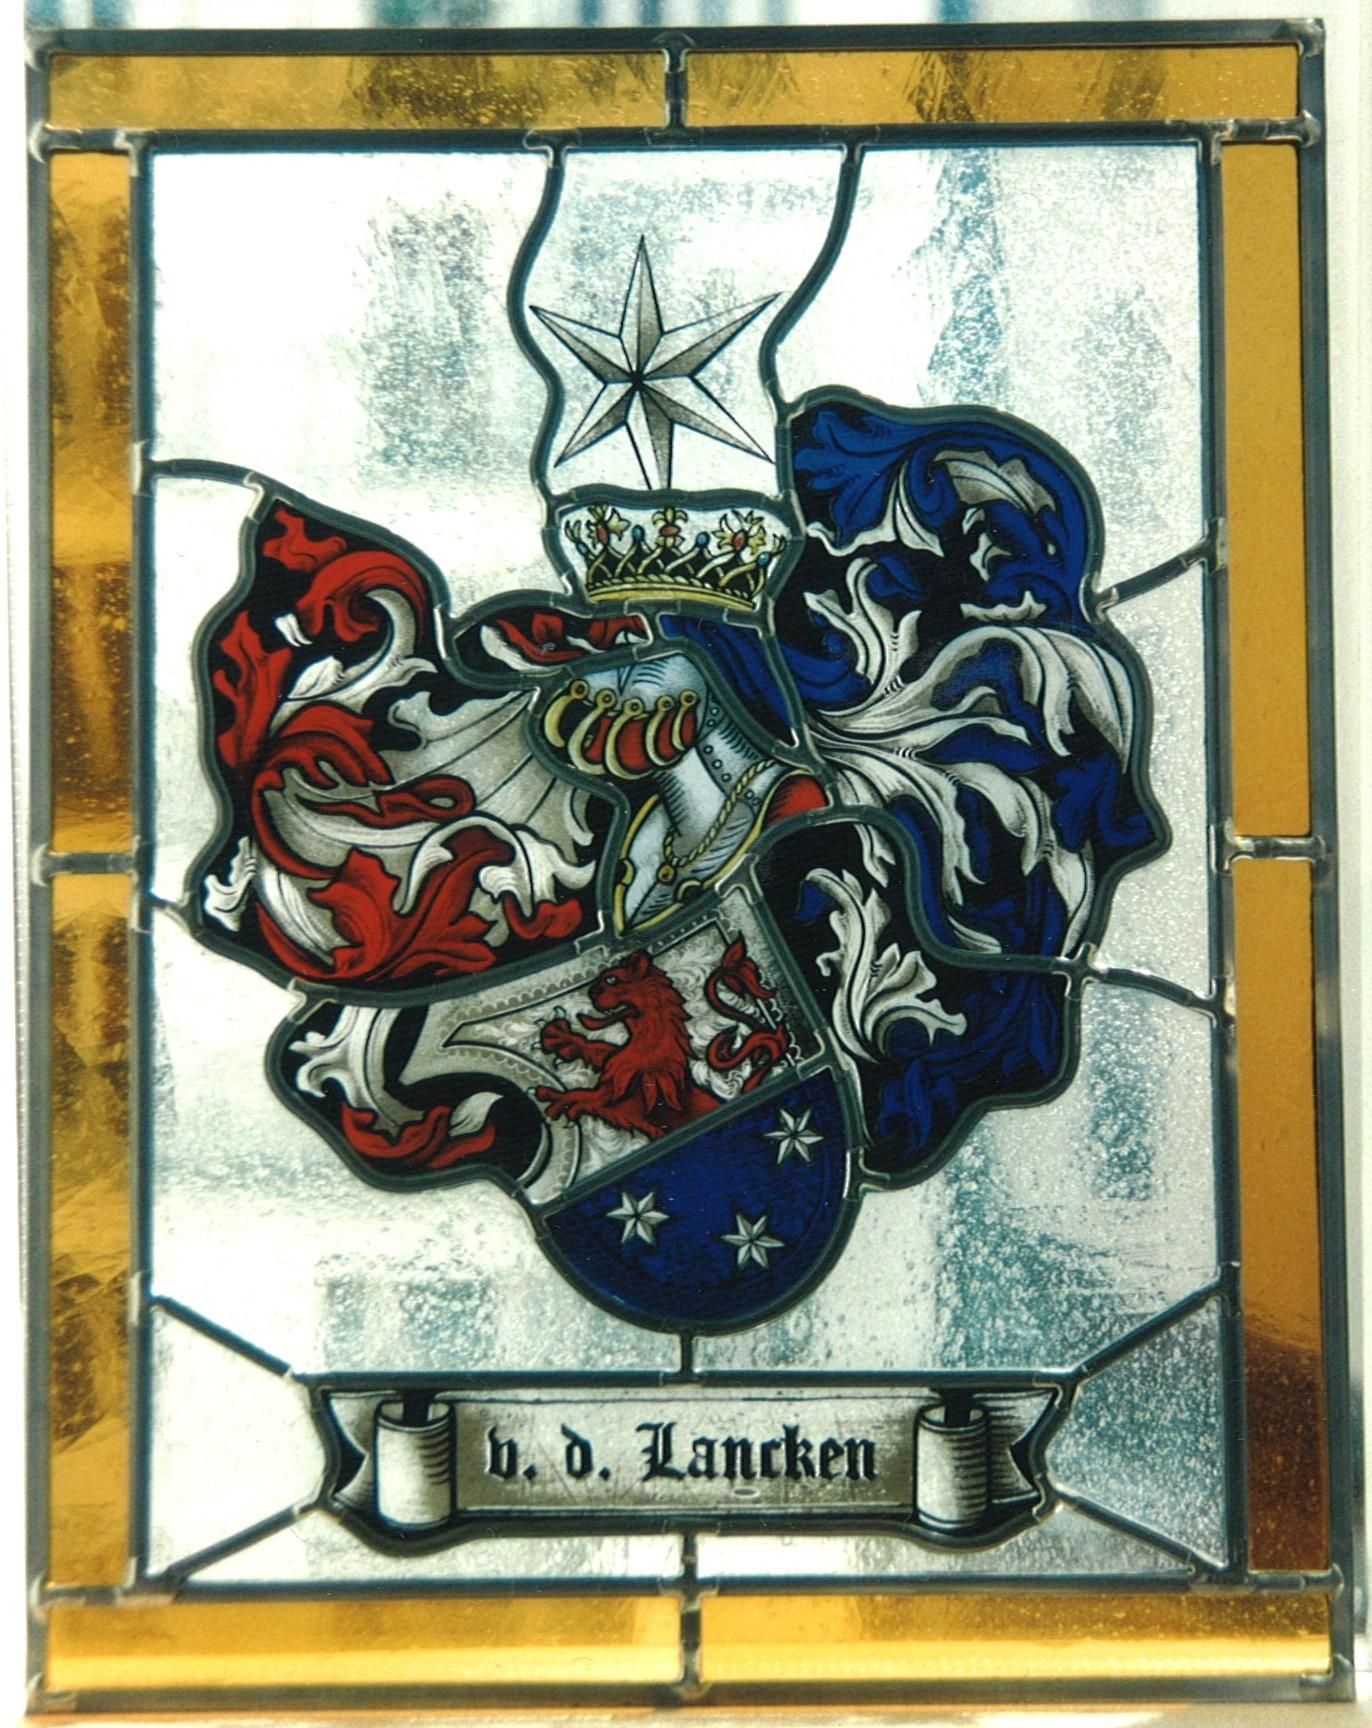 Familien-Wappen als exklusive Bleiverglasung mit aufwendiger Glasmalerei, individuell angefertigt. Handgemalt auf Echtantikglas.